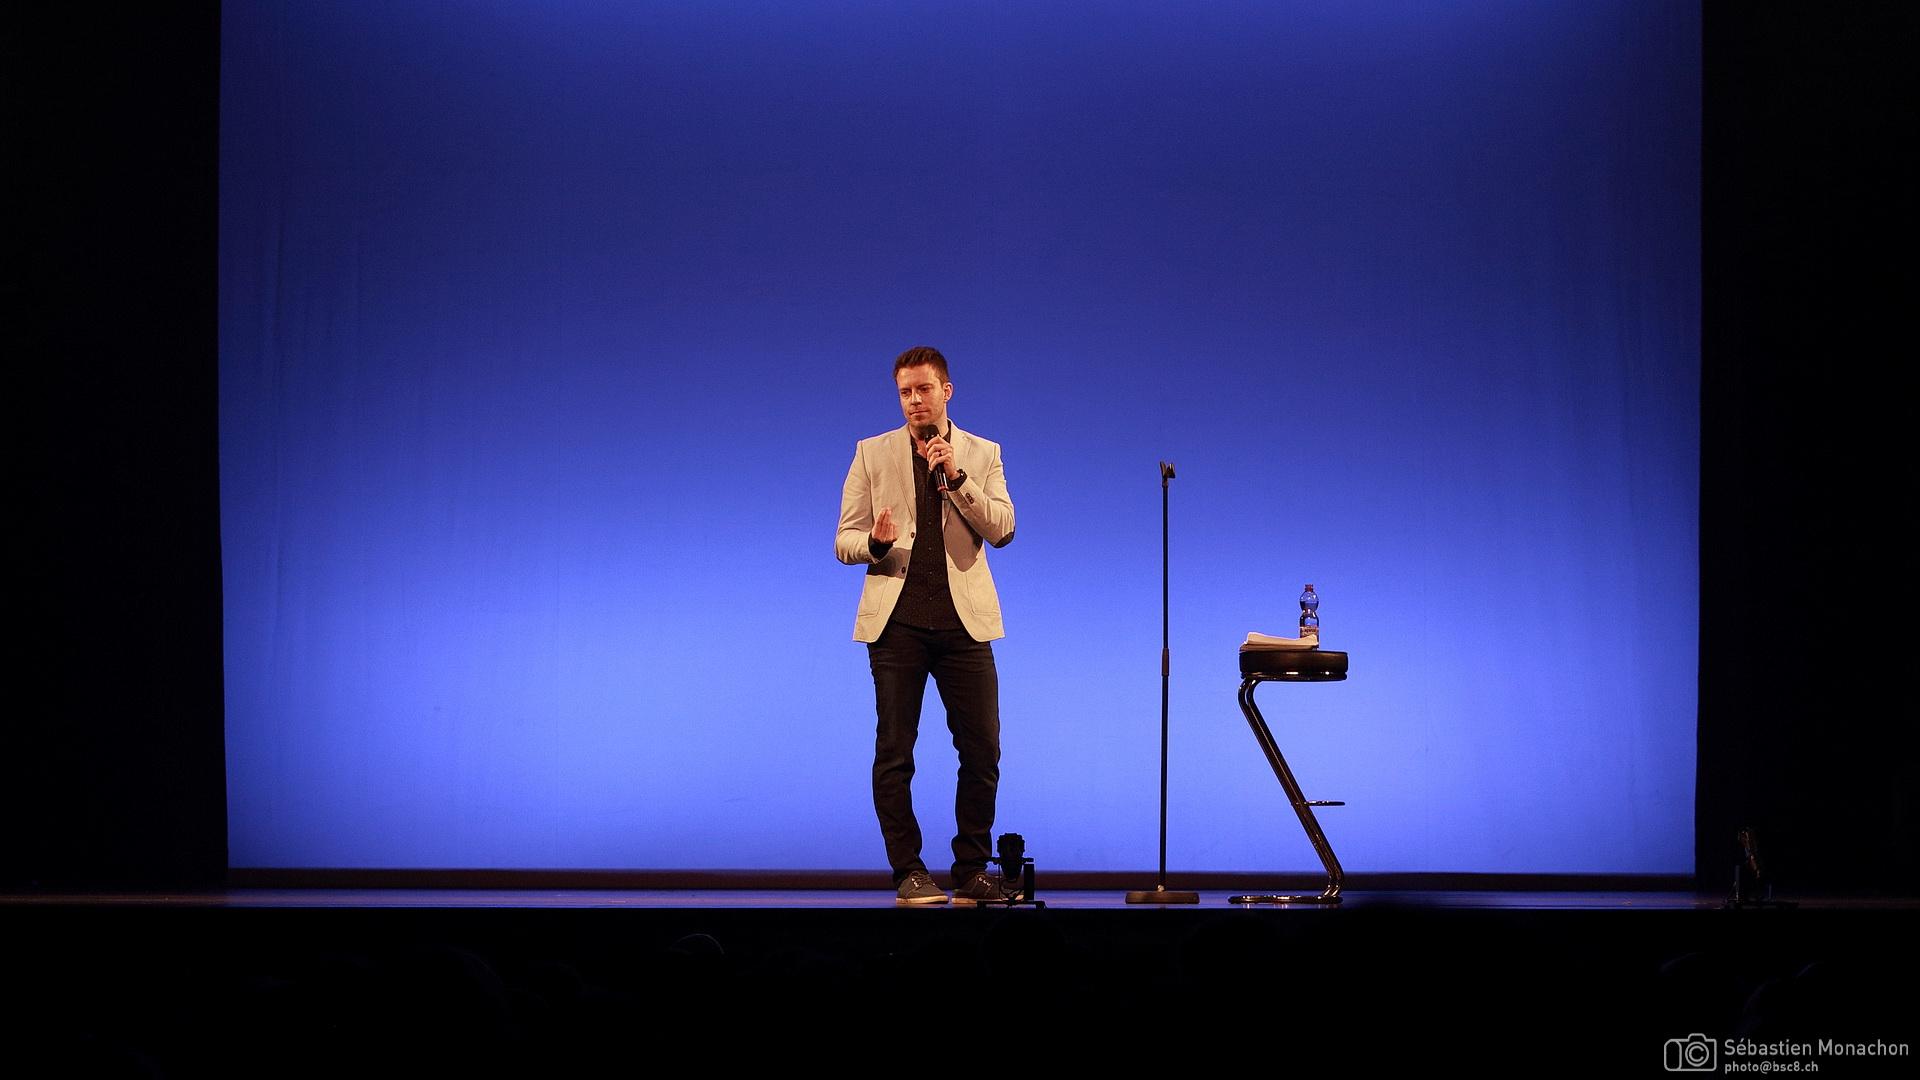 Alex Roy - Festival du Rire de Genève - Casino Théâtre - 28 avril 2016 Sébastien Monachon